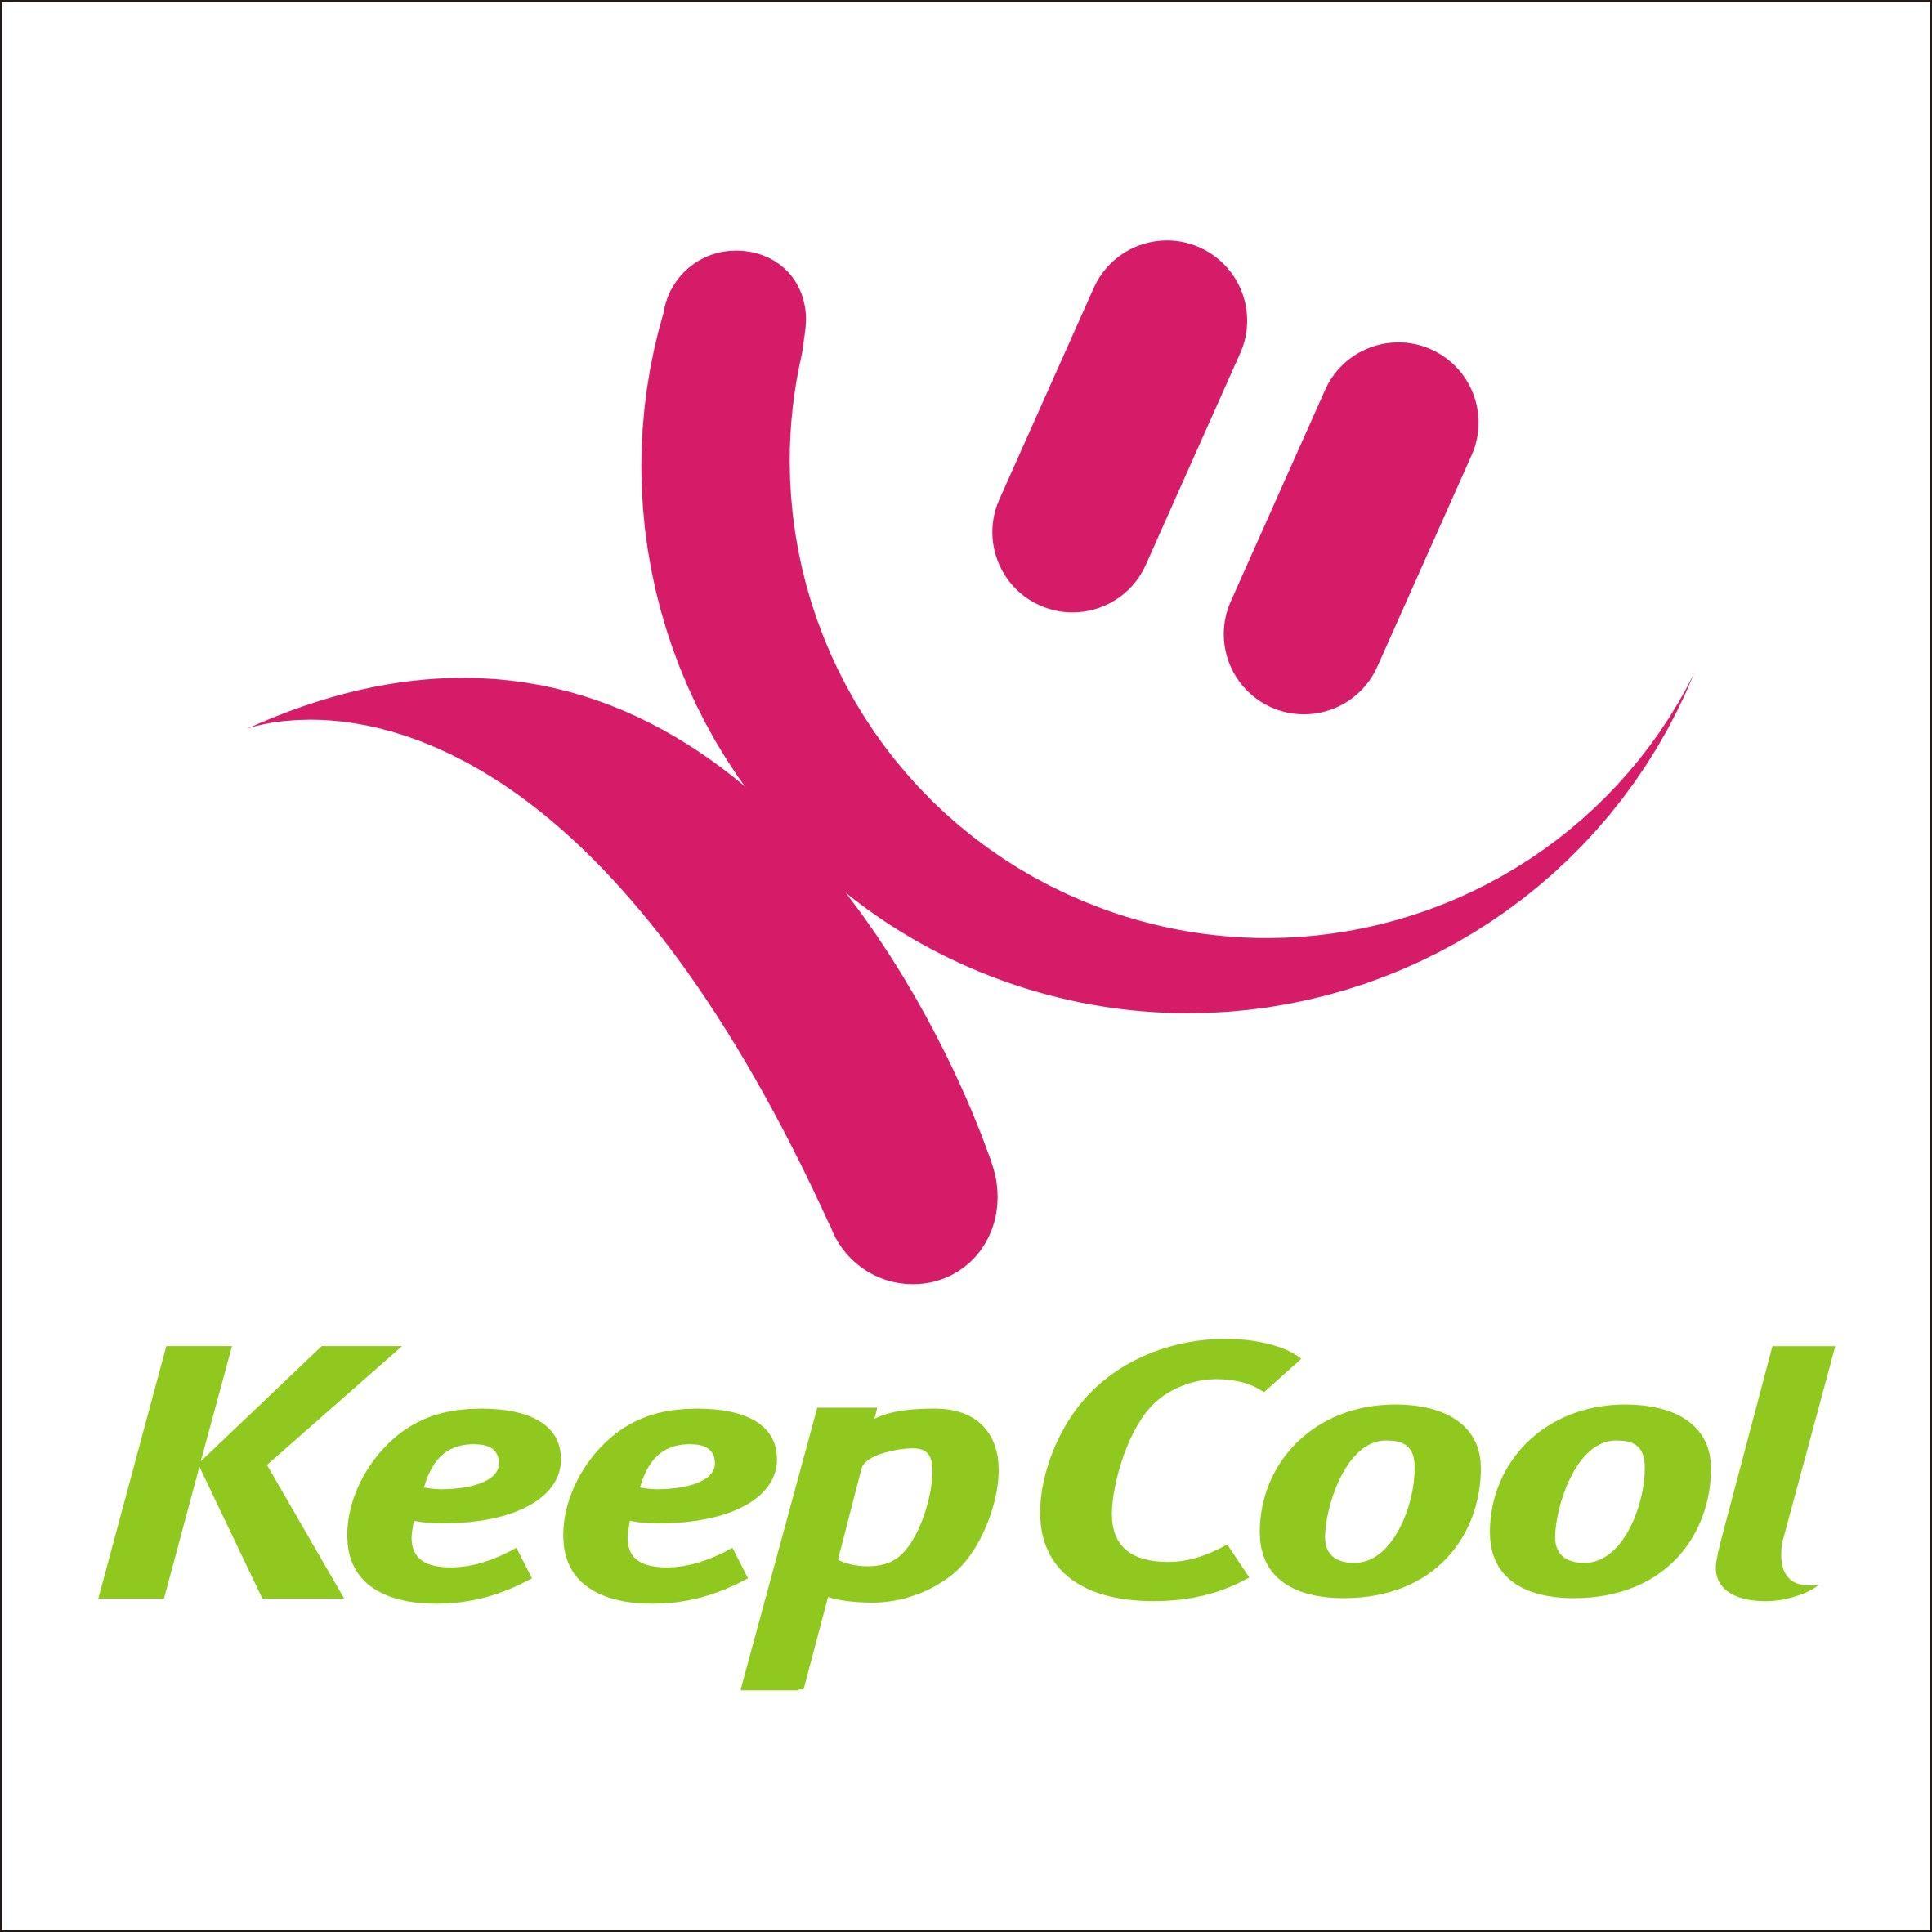 Abonnement de 2 ans à Keepcool (keepcool.fr)